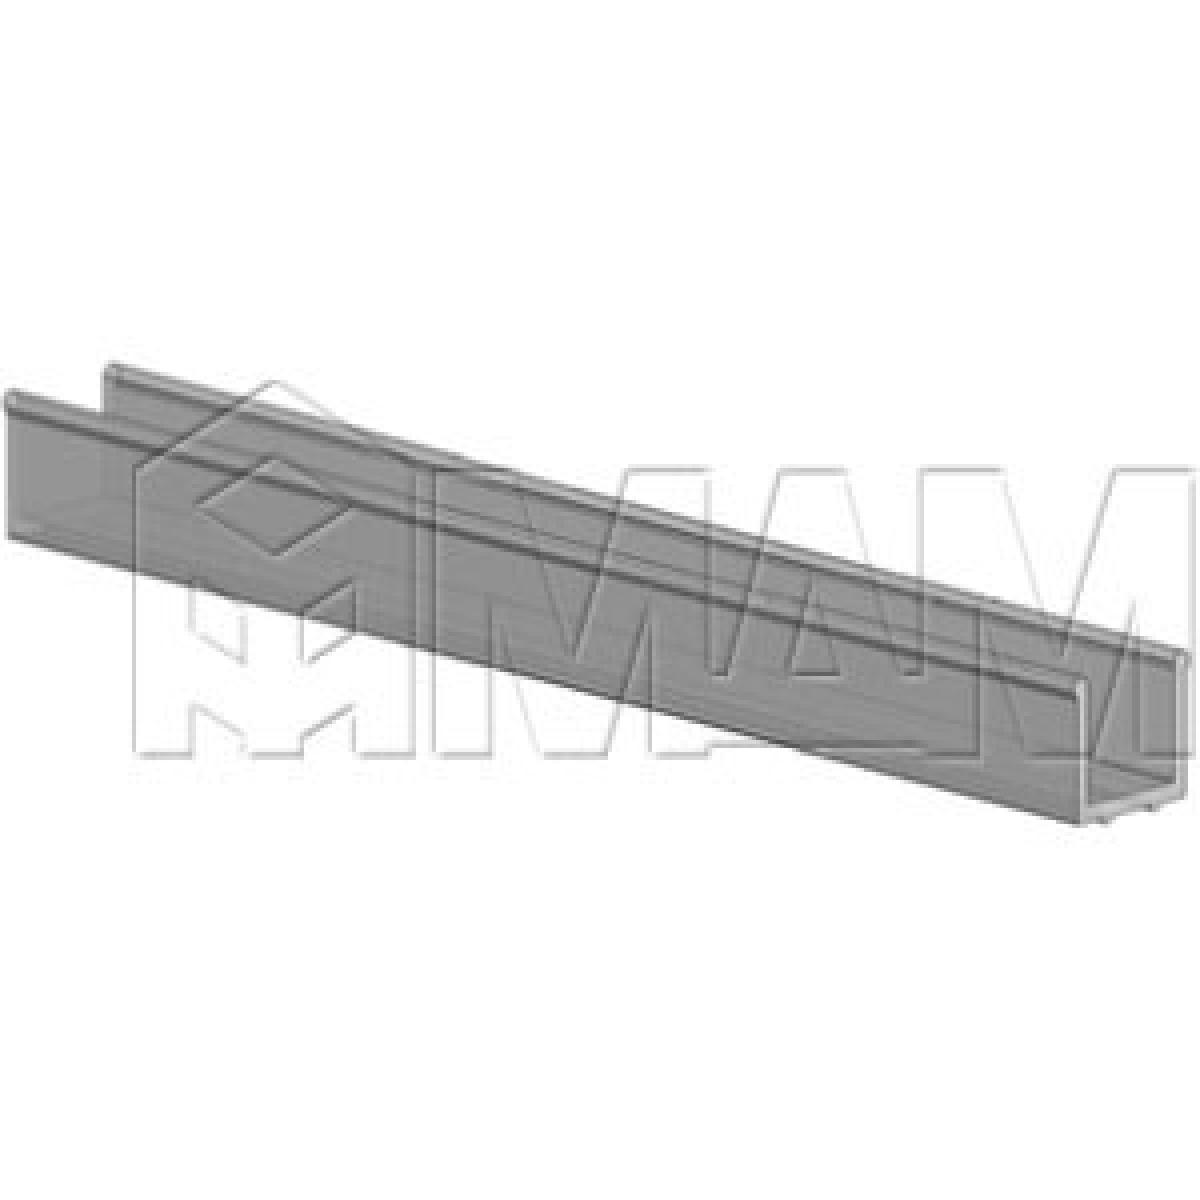 PS19 Уплотнитель для стекла, толщ. стенок 0,6 мм, L-3000